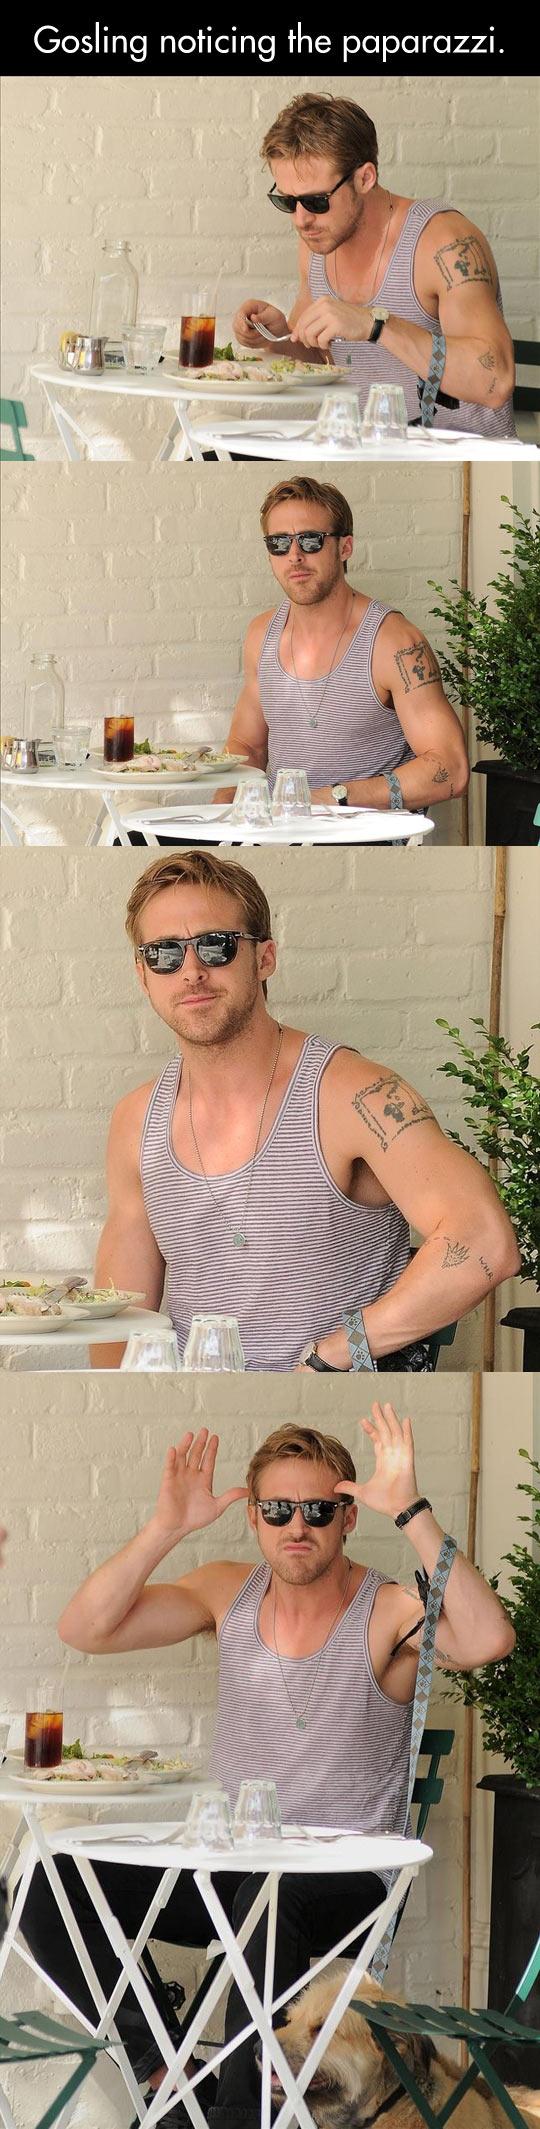 cool-Ryan-Goslin-eating-bar-paparazzi